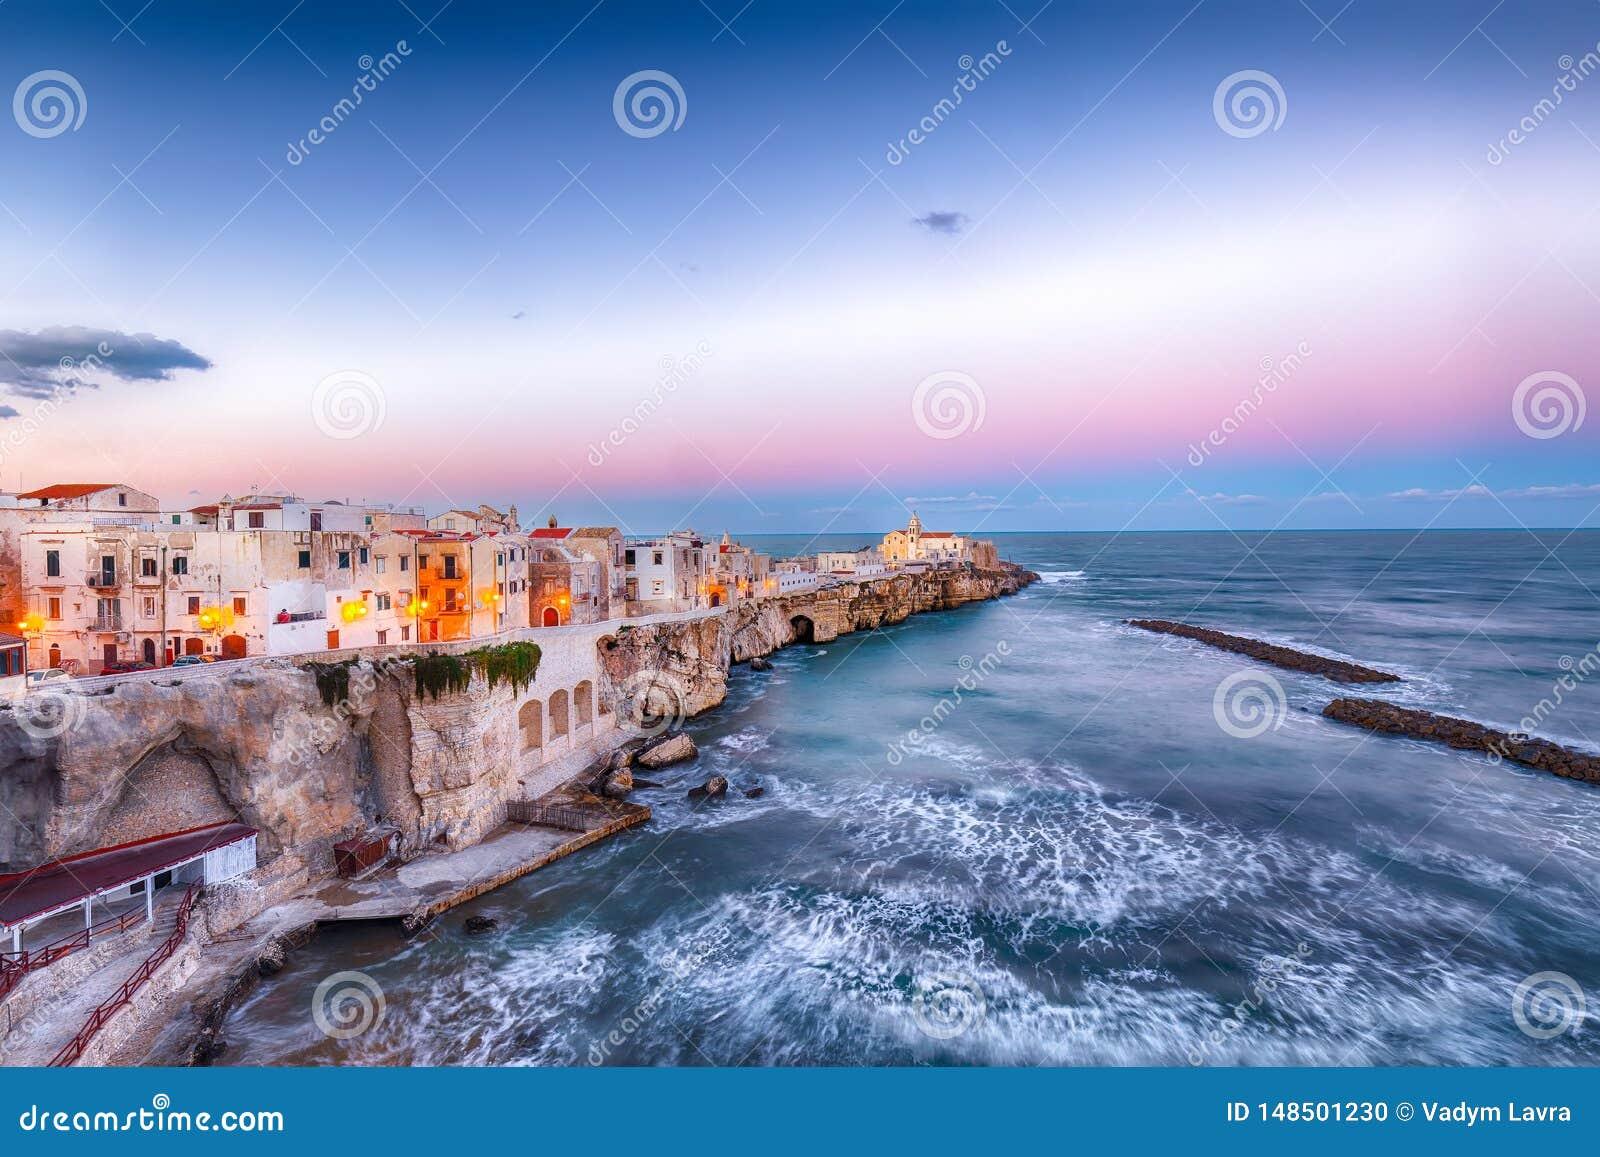 Vieste - красивый прибрежный город на утесах в Апулии